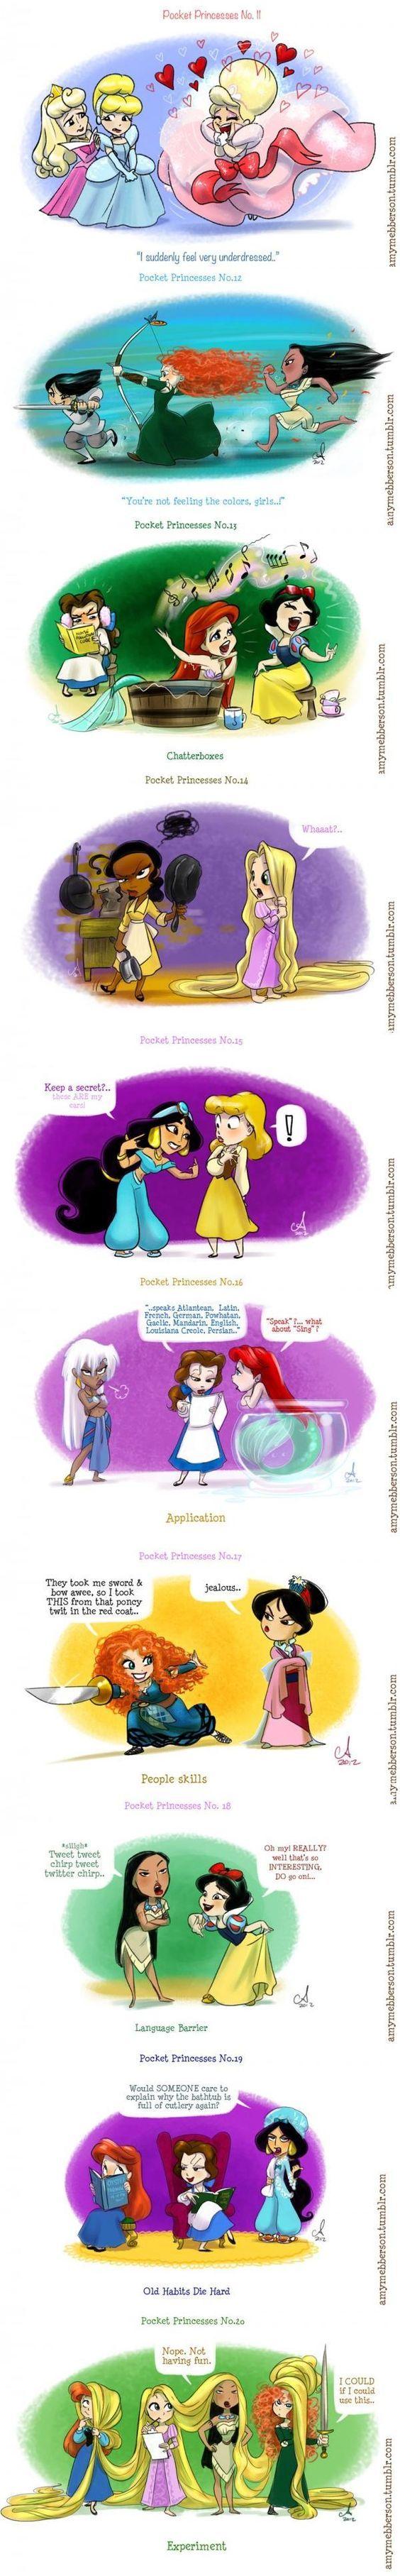 pocket princesses # 11, 12, 13, 14, 15, 16, 17, 18, 19, 20.: